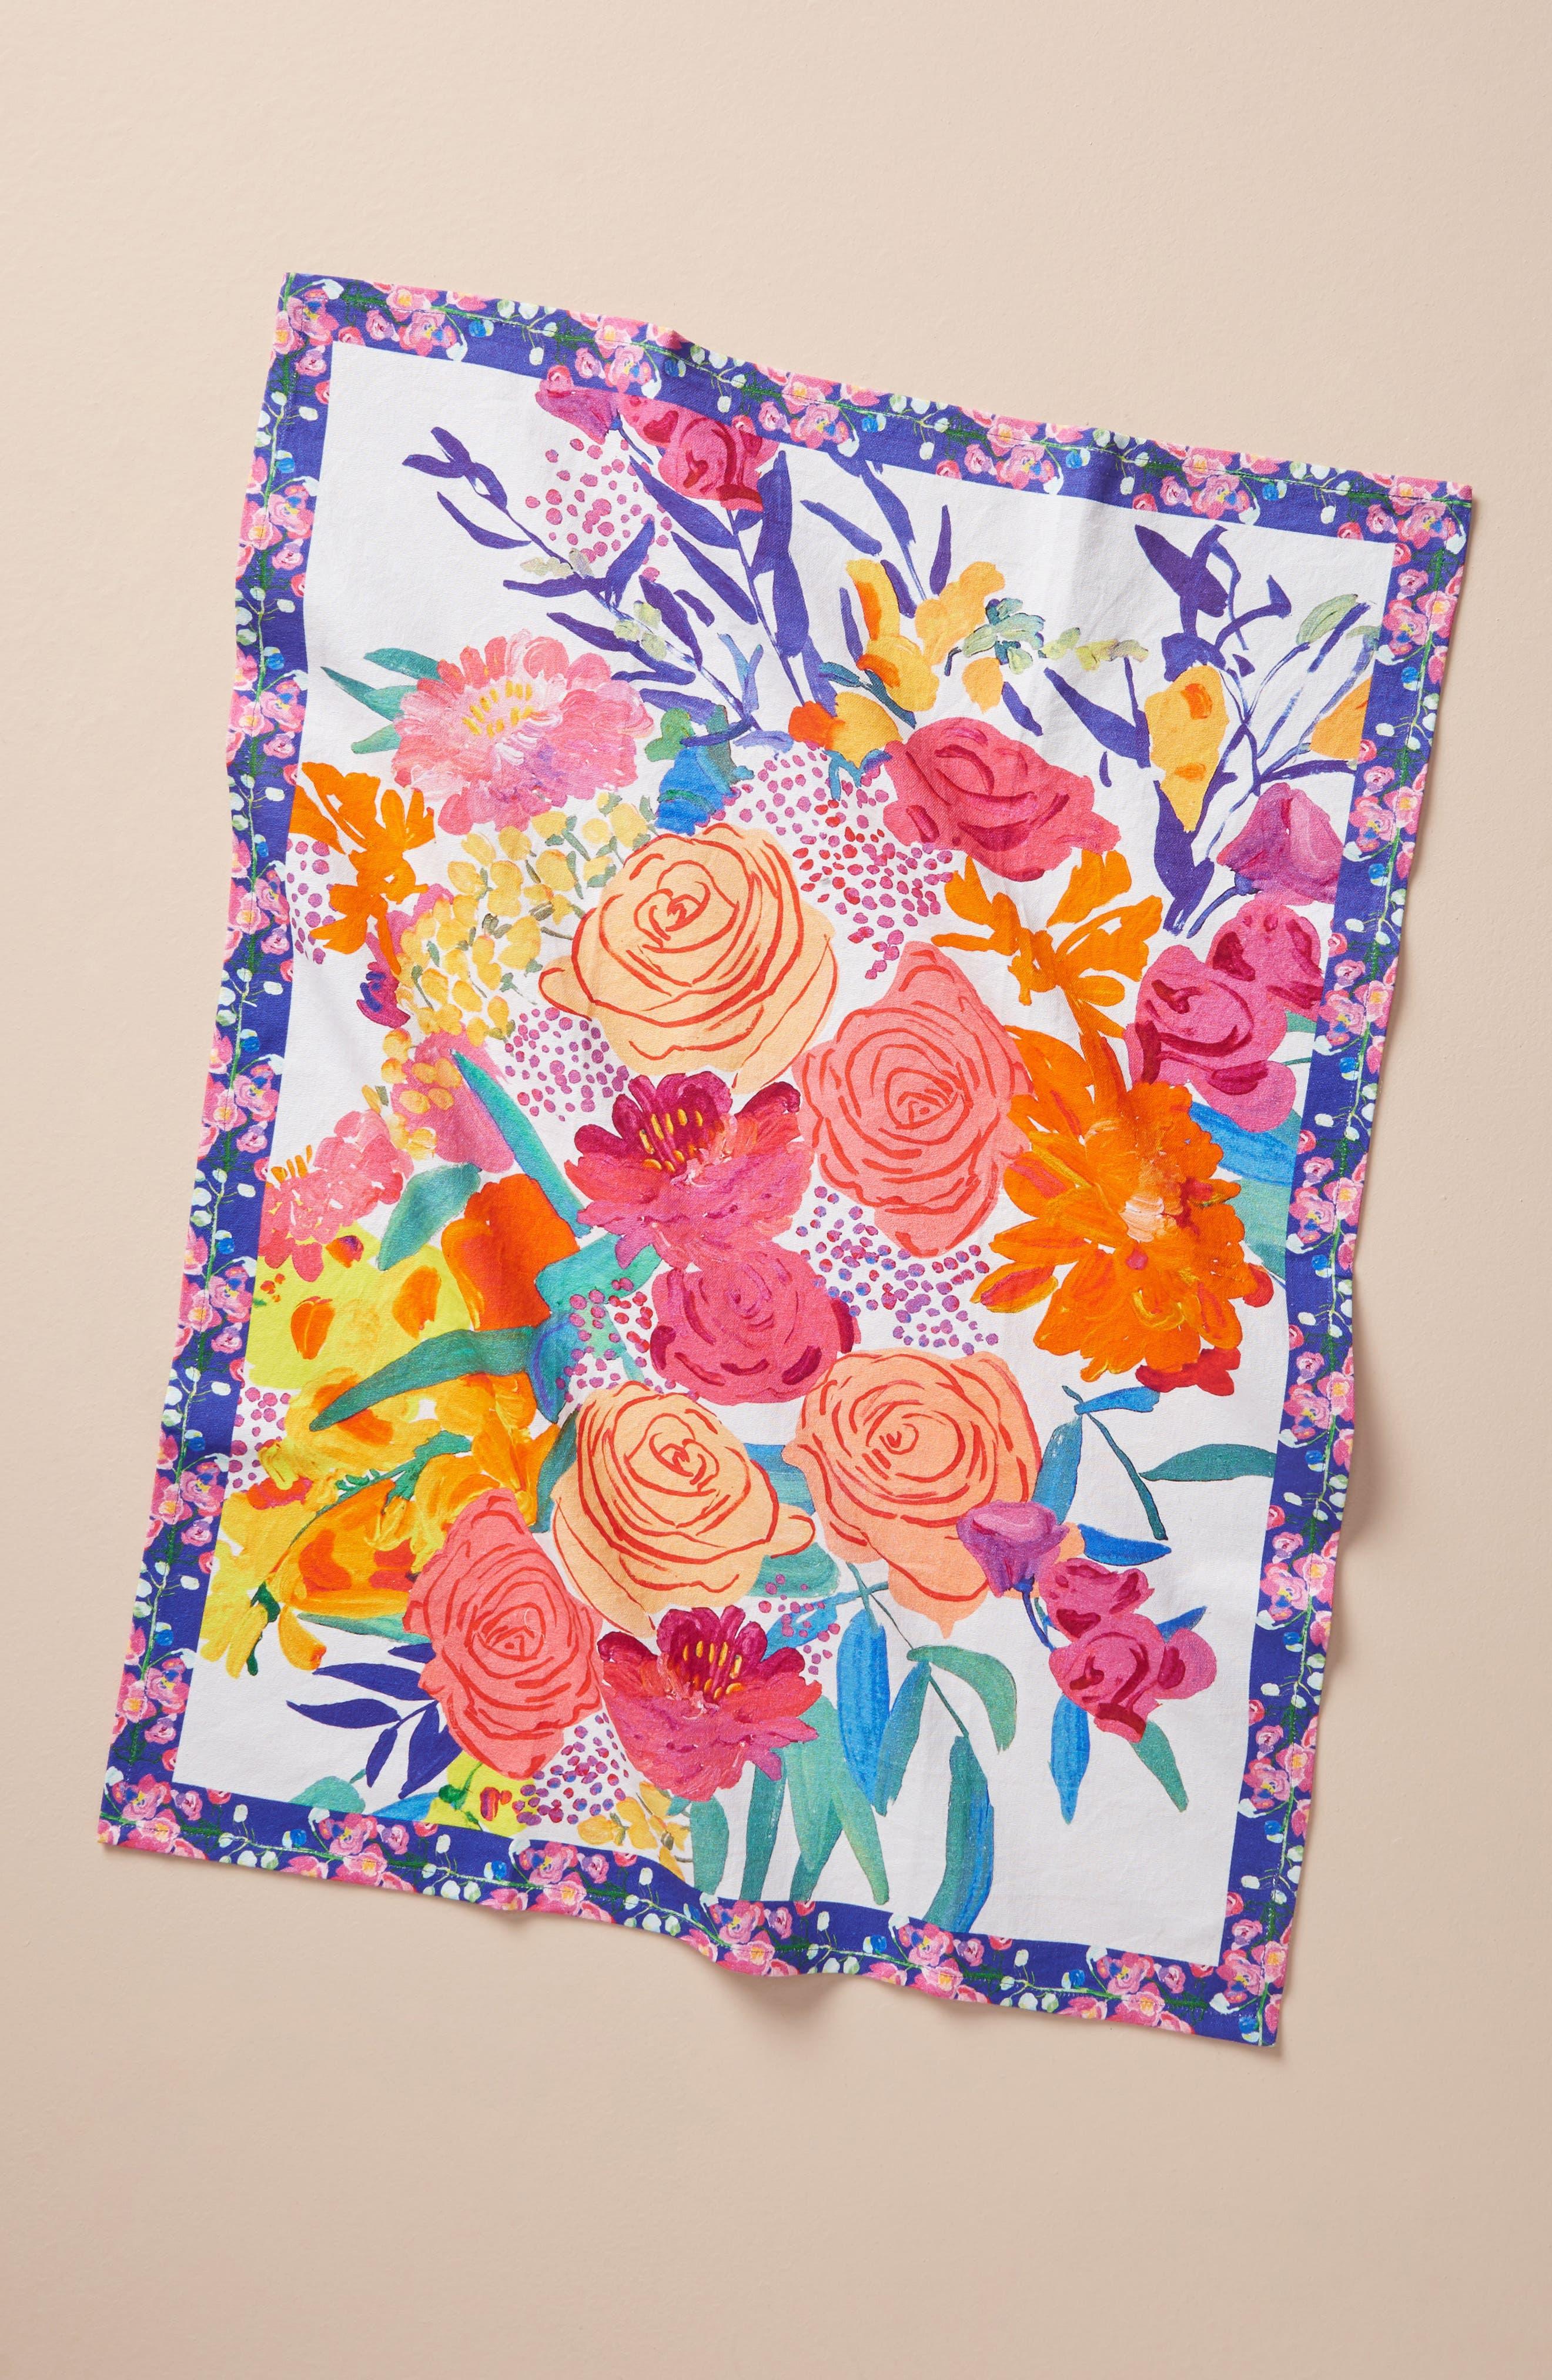 Anthropologie Paint + Petals Dishtowel